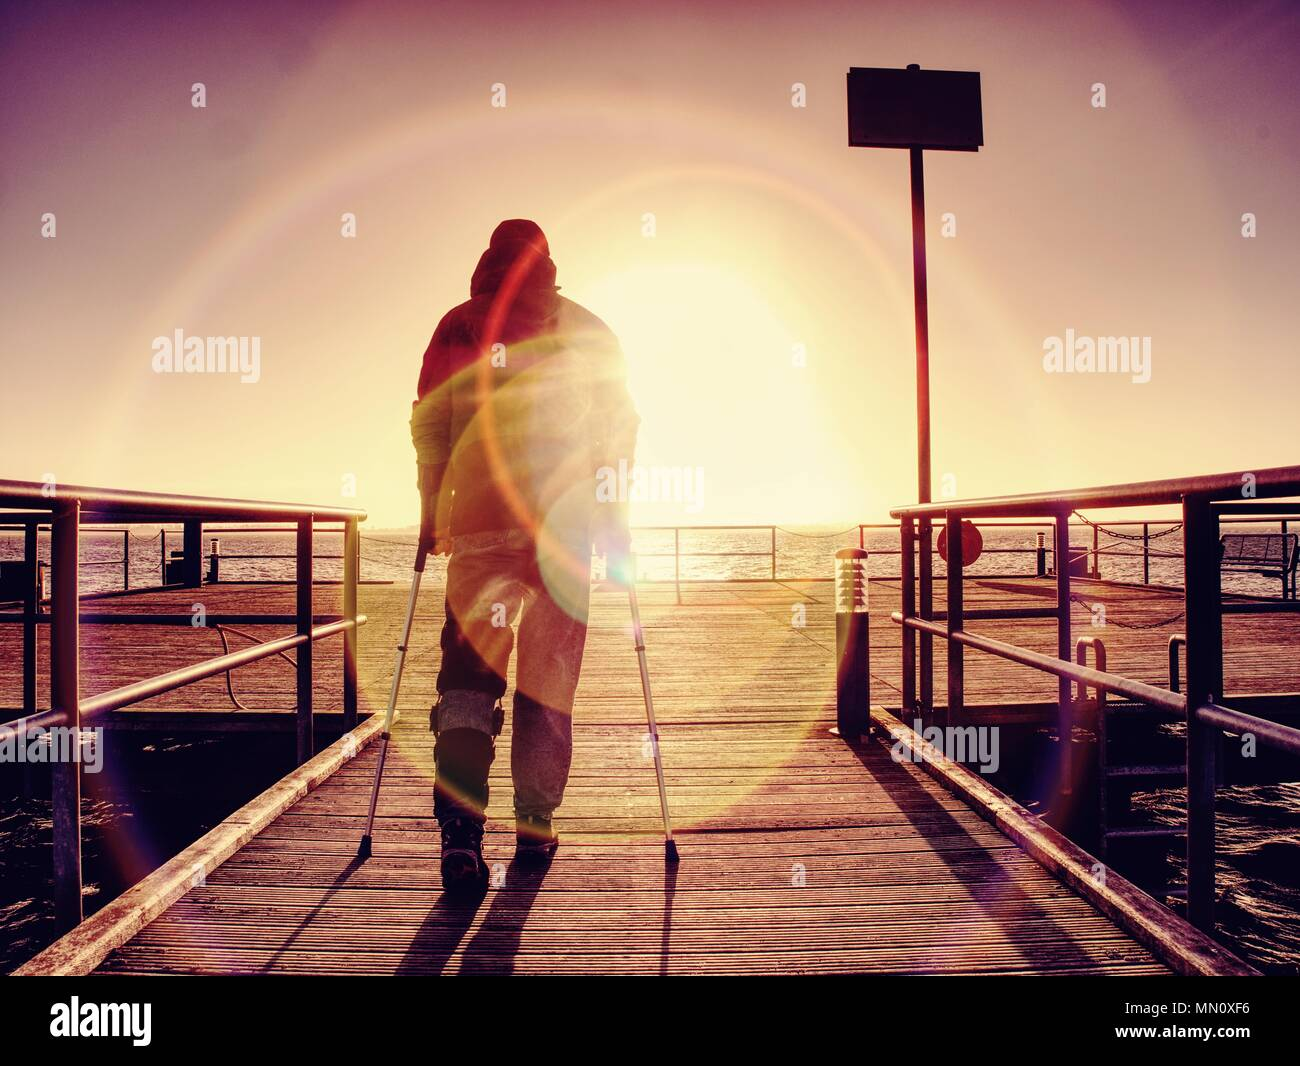 El hombre herido con chaqueta con capucha y antebrazo muletas de pie en puente marítimo dentro de mañana temprano y pensar. Sombría silueta nostálgica de triste soledad Imagen De Stock